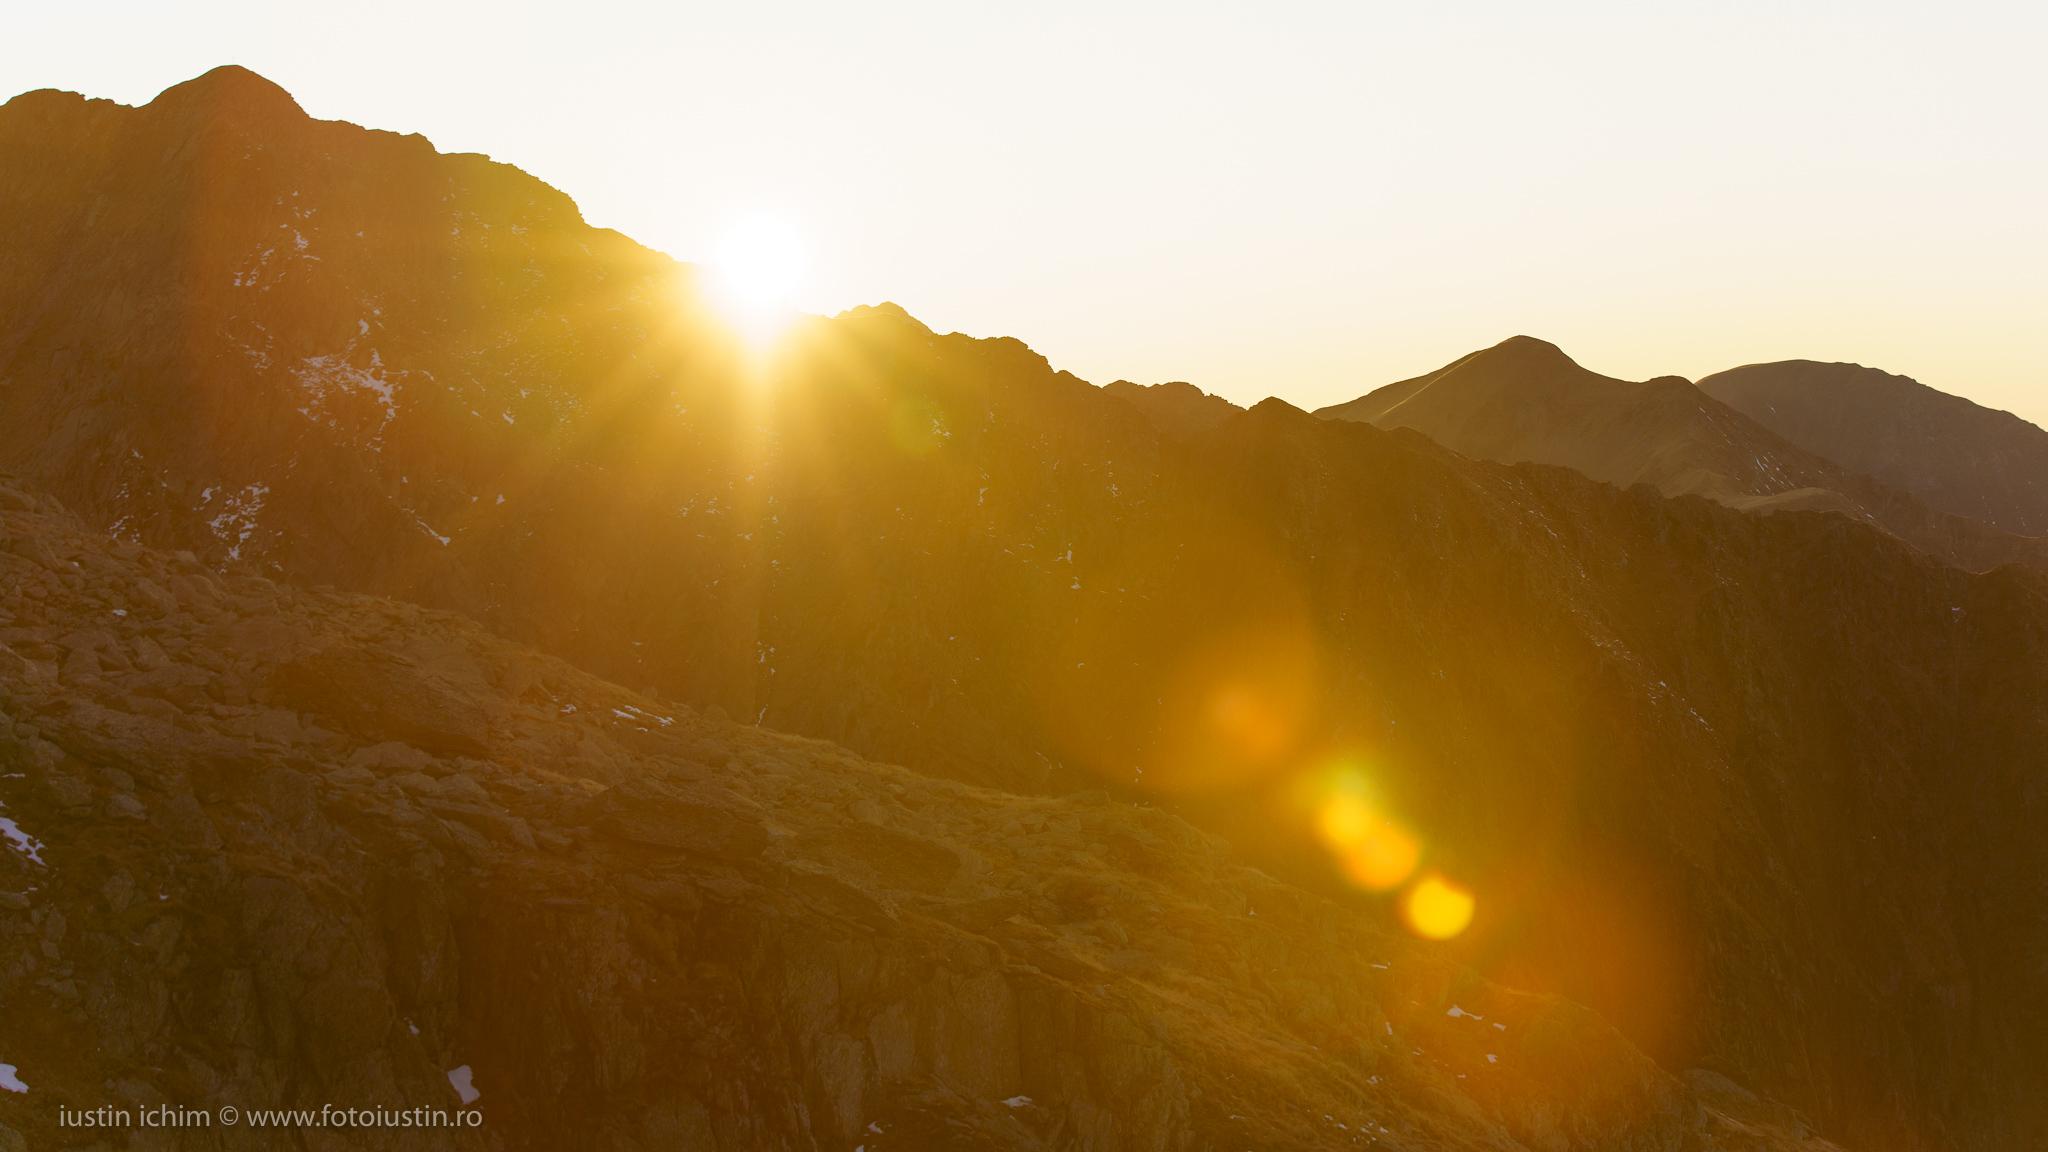 Munții Făgăraș, vedere de seară